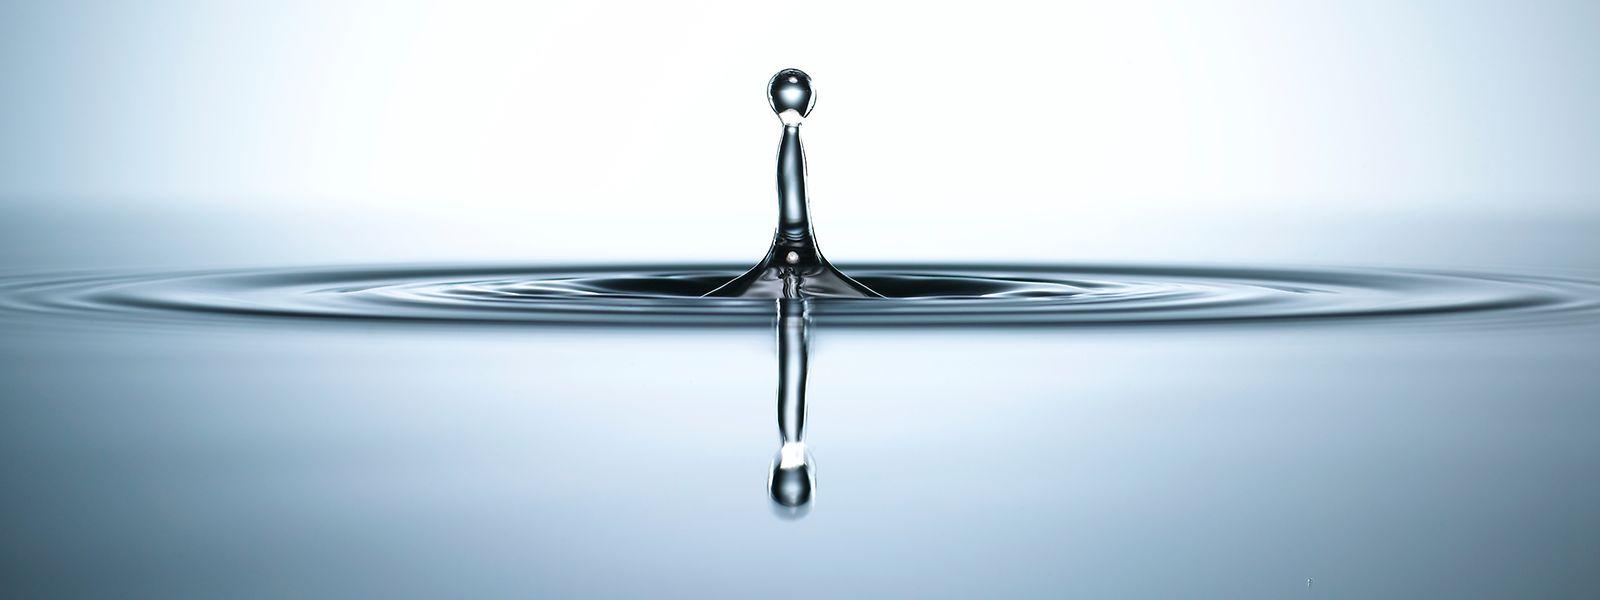 Rund 176000 Kubikmeter Trinkwasser können in Luxemburg täglich aufbereitet werden. Etwa die Hälfte davon wird aus den Grundwasserreserven gespeist.